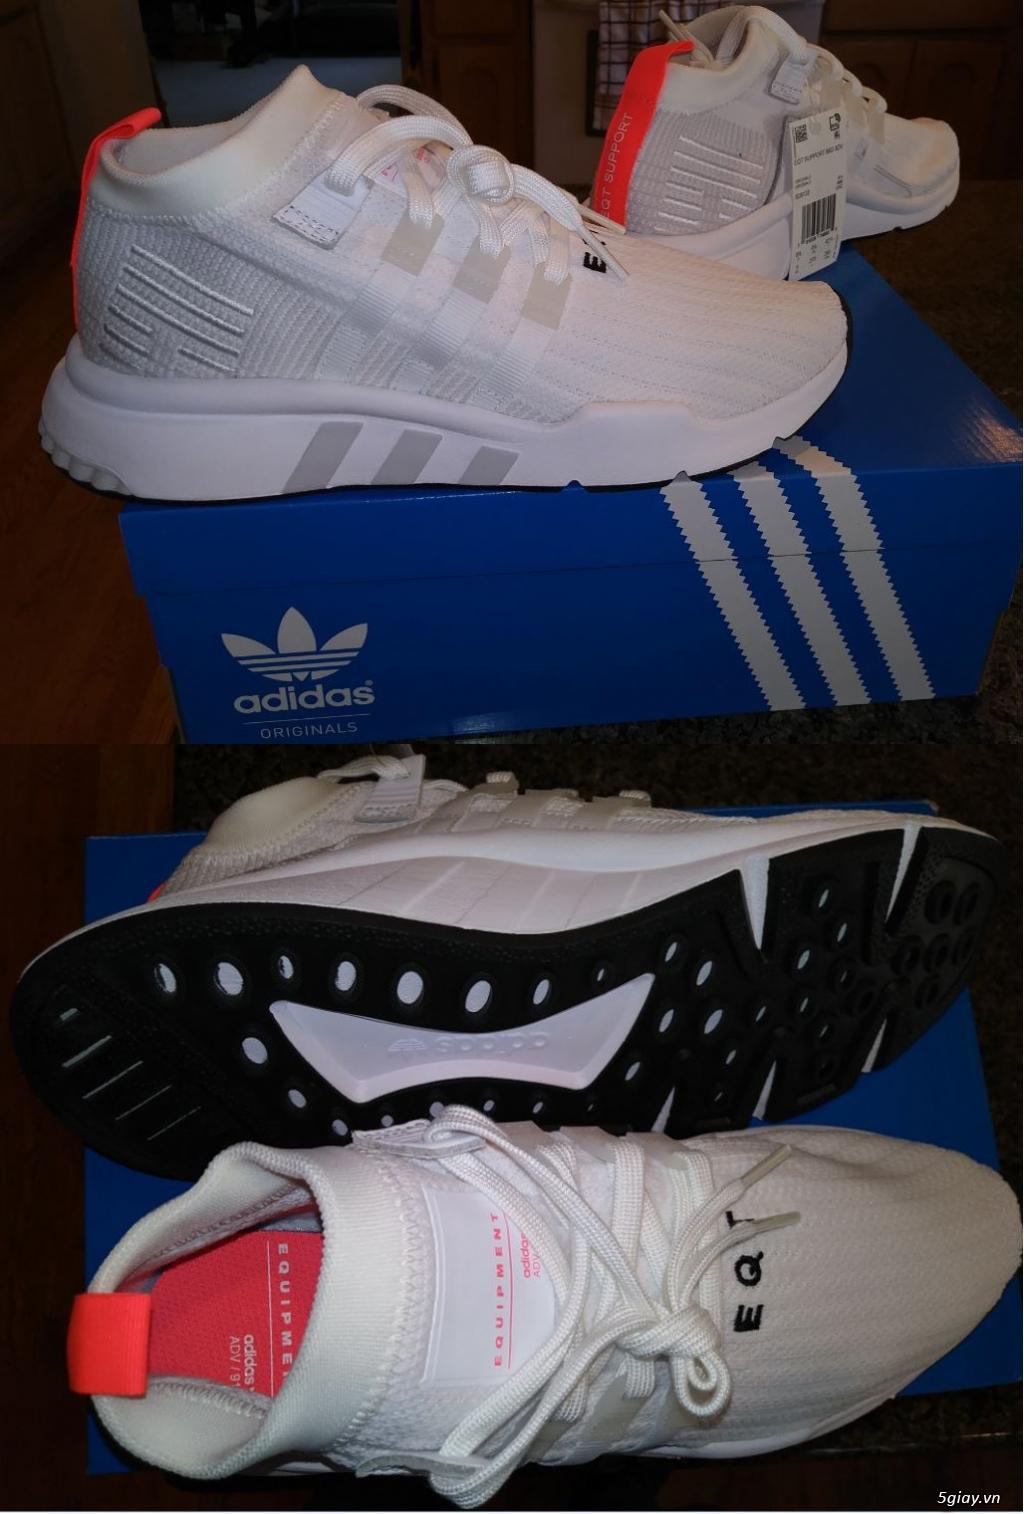 Mình xách/gửi giày Nike, Skechers, Reebok, Polo, Converse, v.v. từ Mỹ. - 16